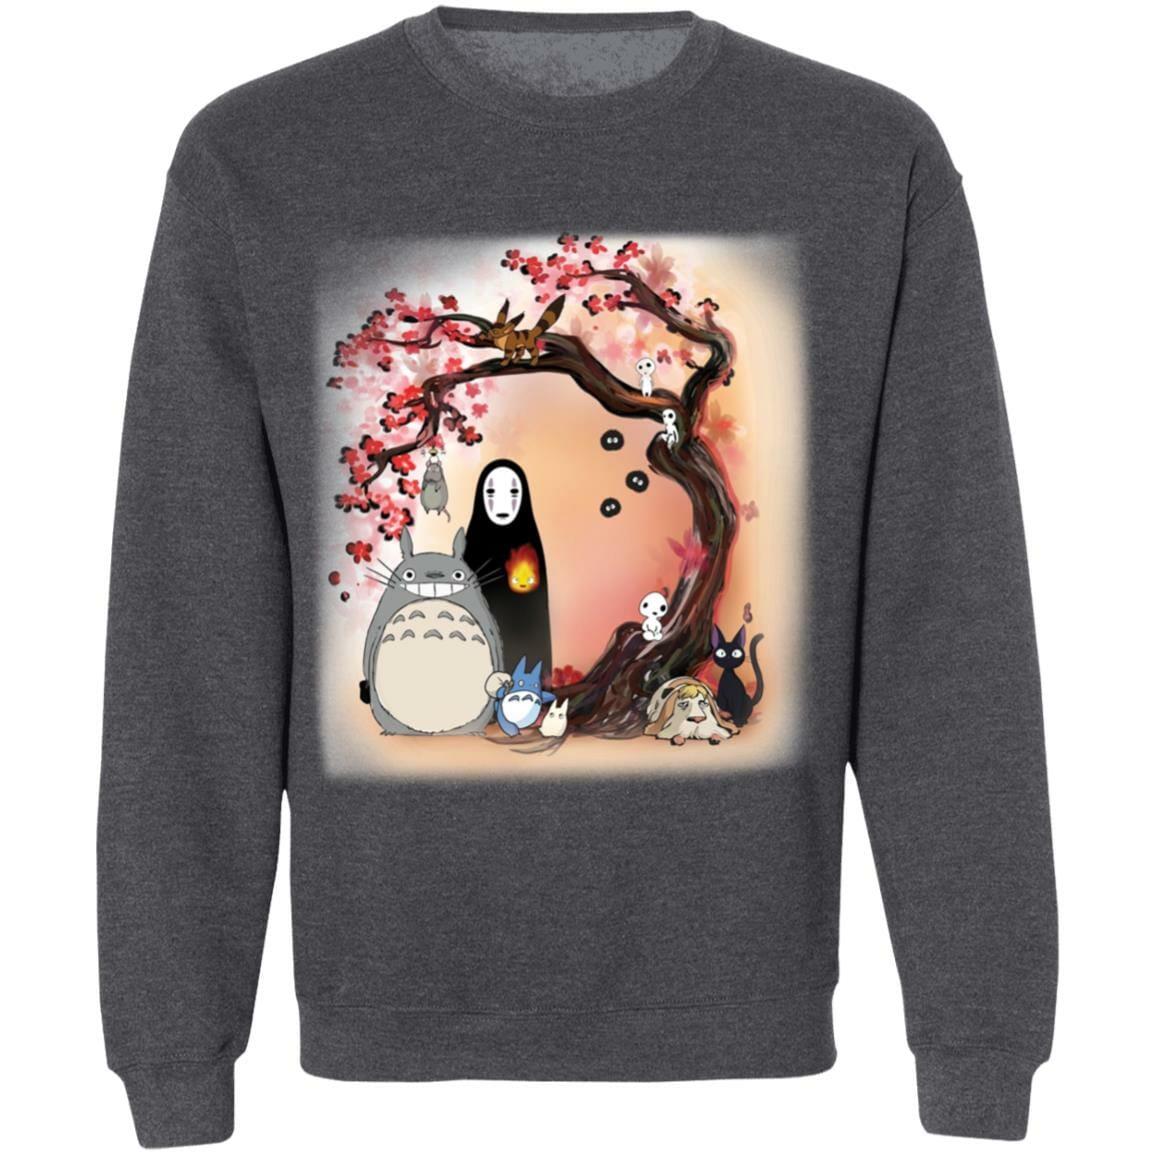 Totoro and Ghibli Friends under the Sakura Sweatshirt